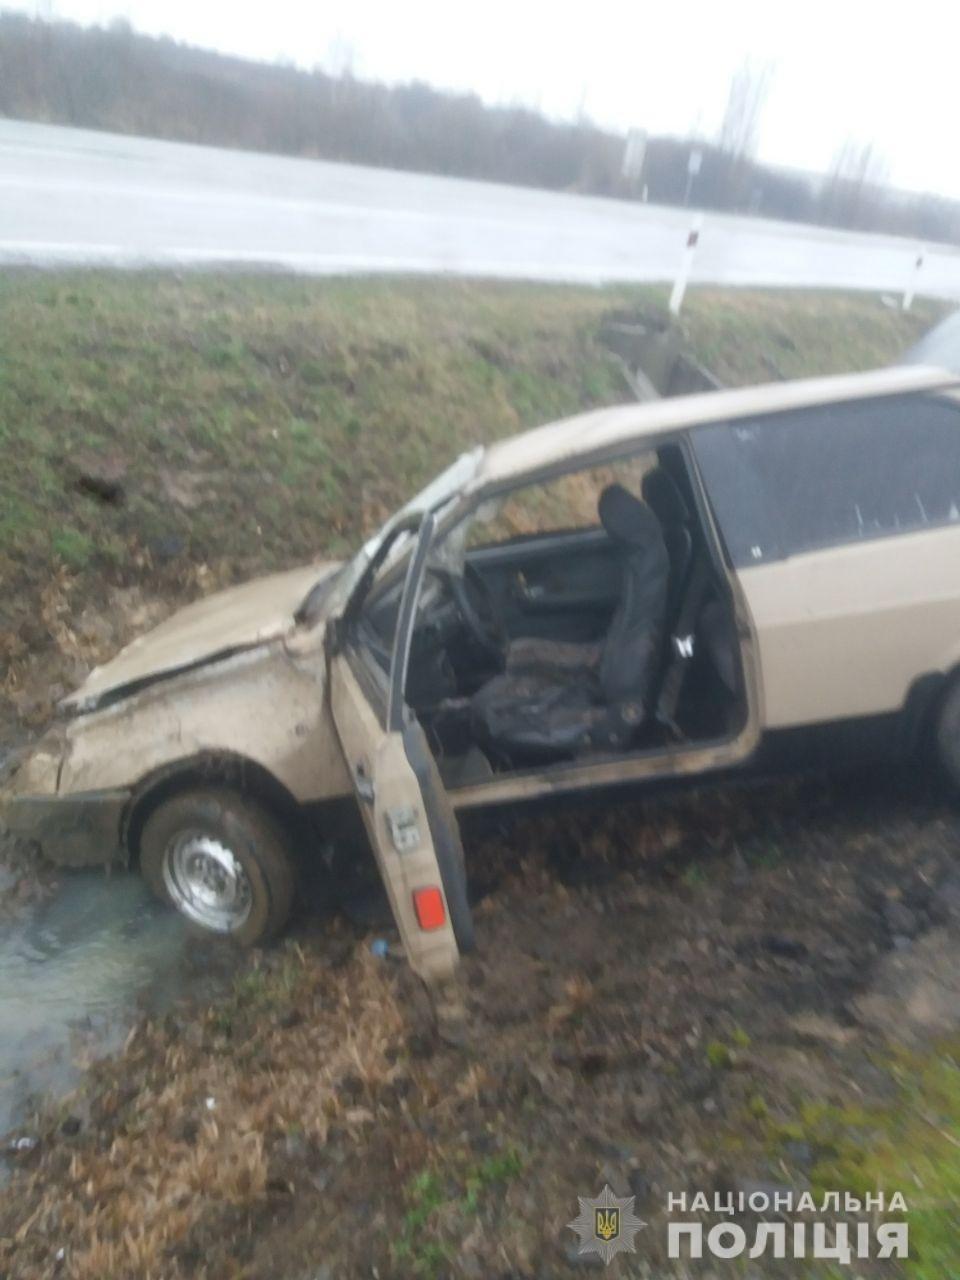 ДТП на Закарпатті: авто вилетіло у канаву, постраждала 17-річна дівчина (ФОТО), фото-1